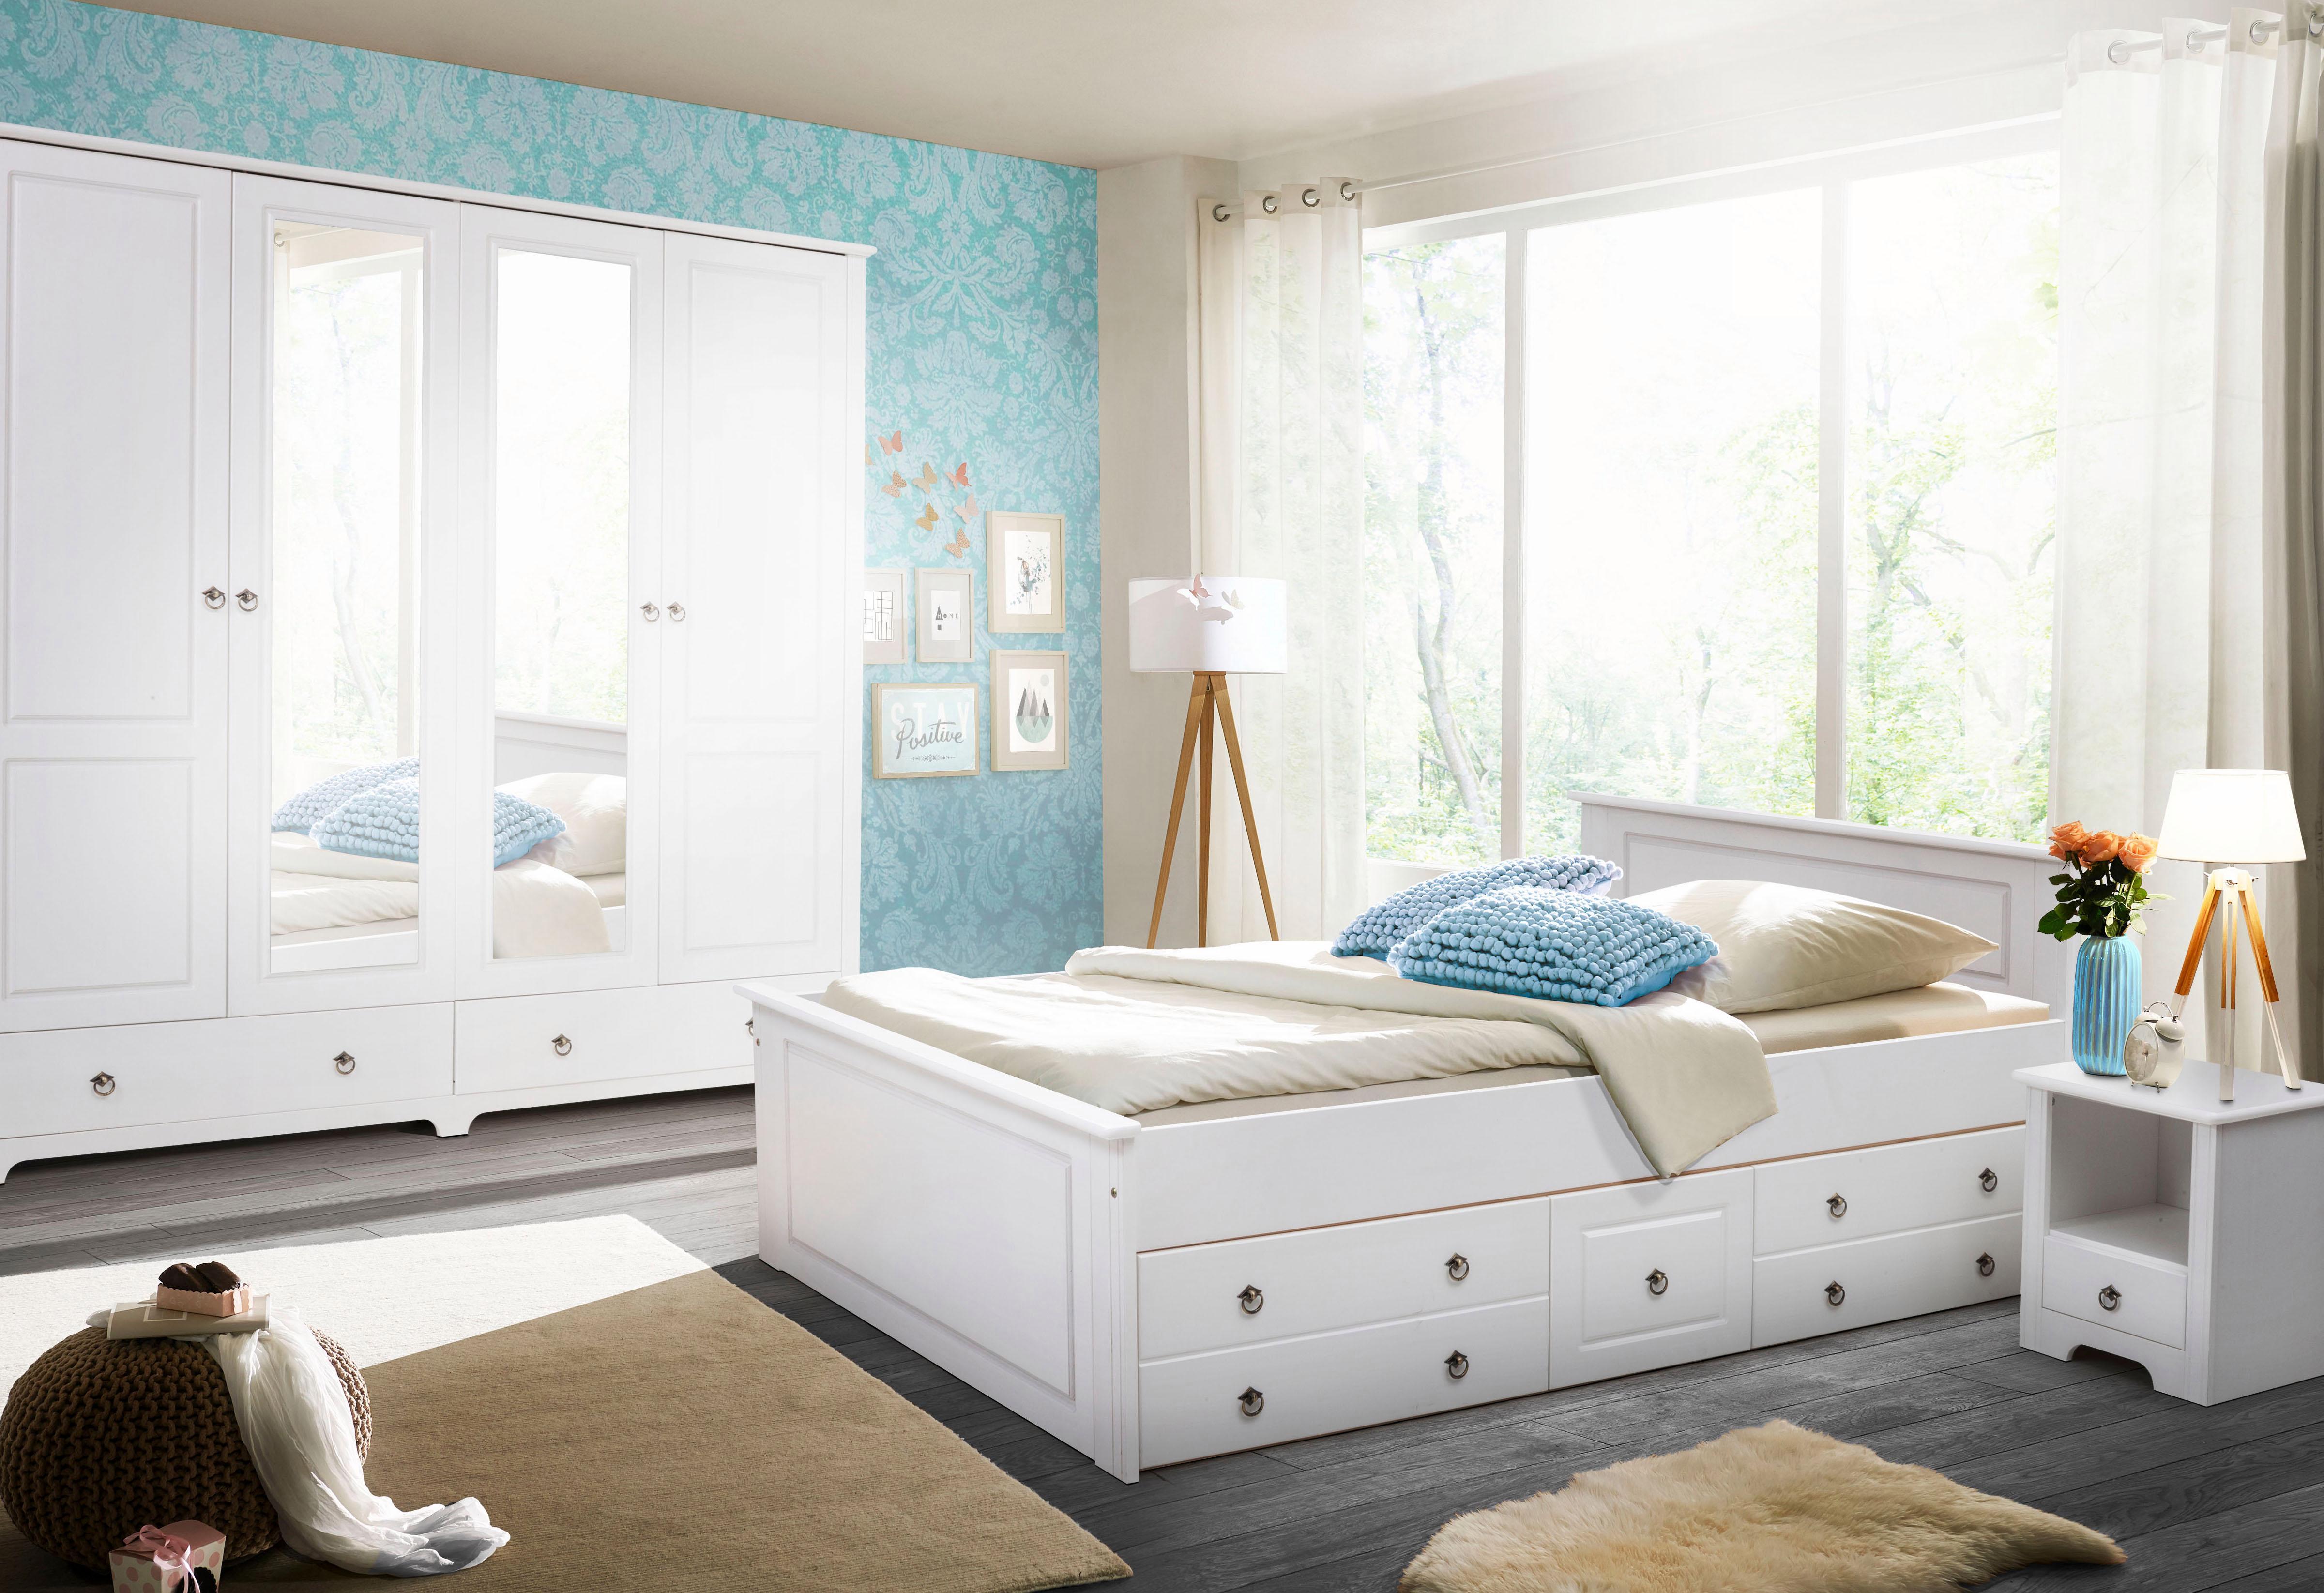 Home affaire Schlafzimmer-Set »Hugo« (Set, 4-tlg) kaufen | BAUR